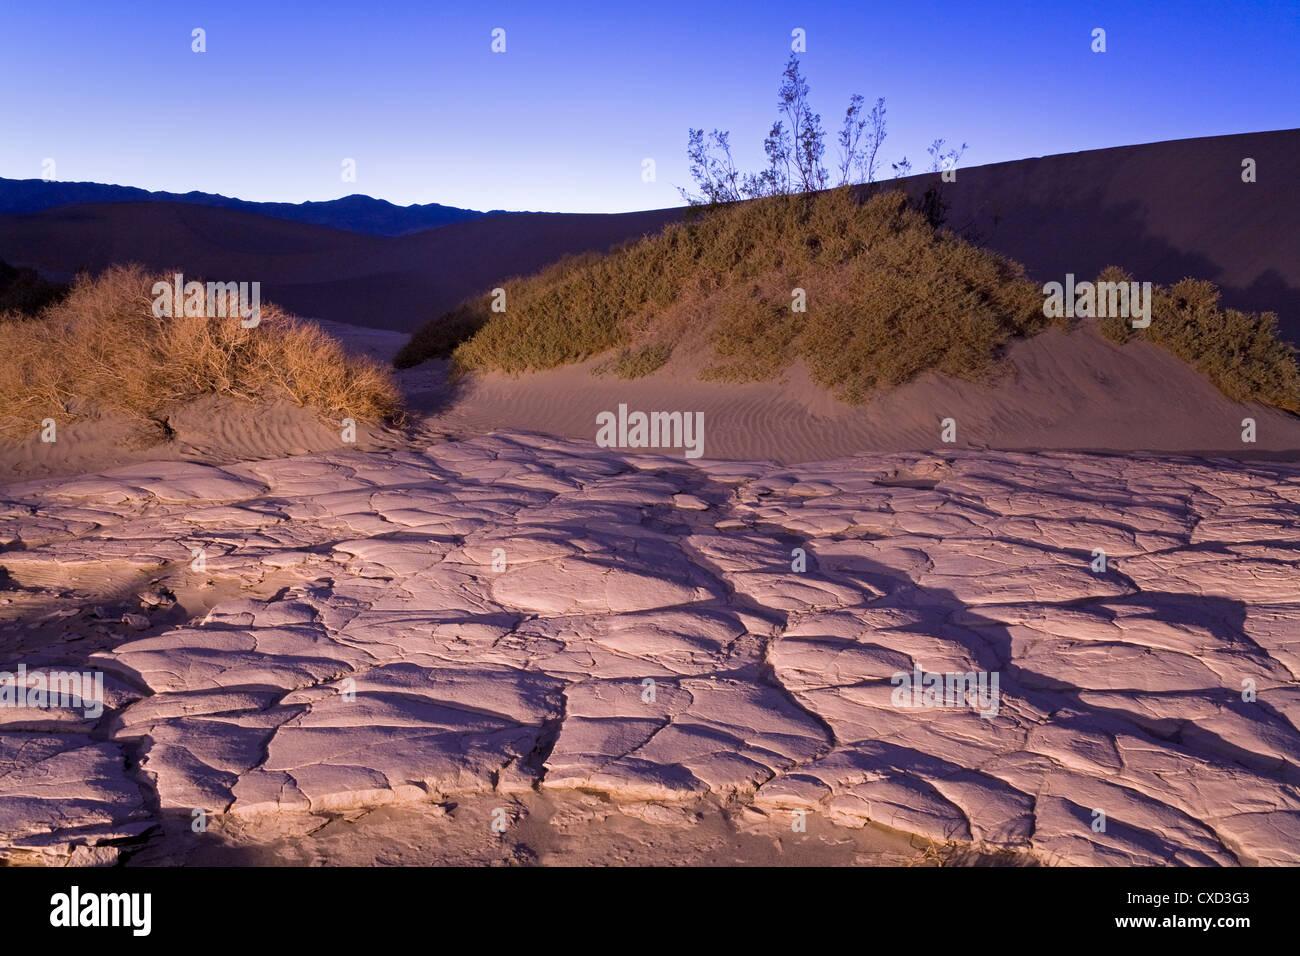 La boue séchée dans la télévision Mesquite Sand Dunes, Death Valley National Park, California, États-Unis d'Amérique, Amérique du Nord Banque D'Images